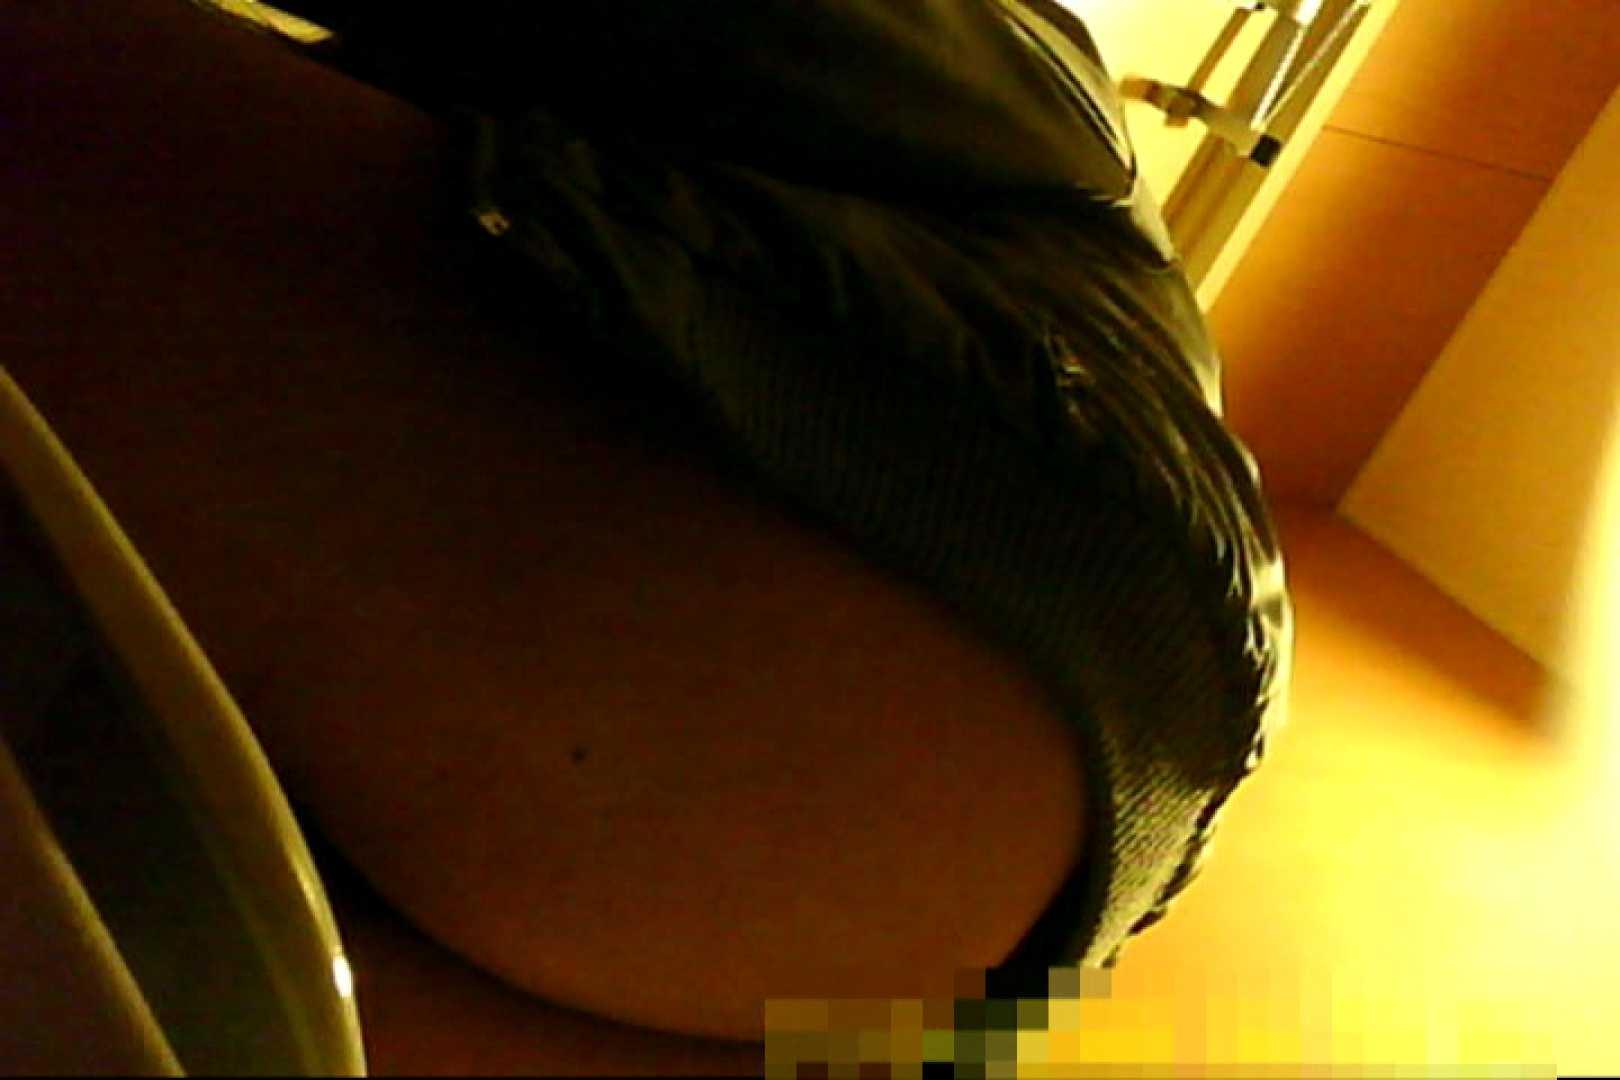 魅惑の化粧室~禁断のプライベート空間~30 プライベート投稿  102PIX 66